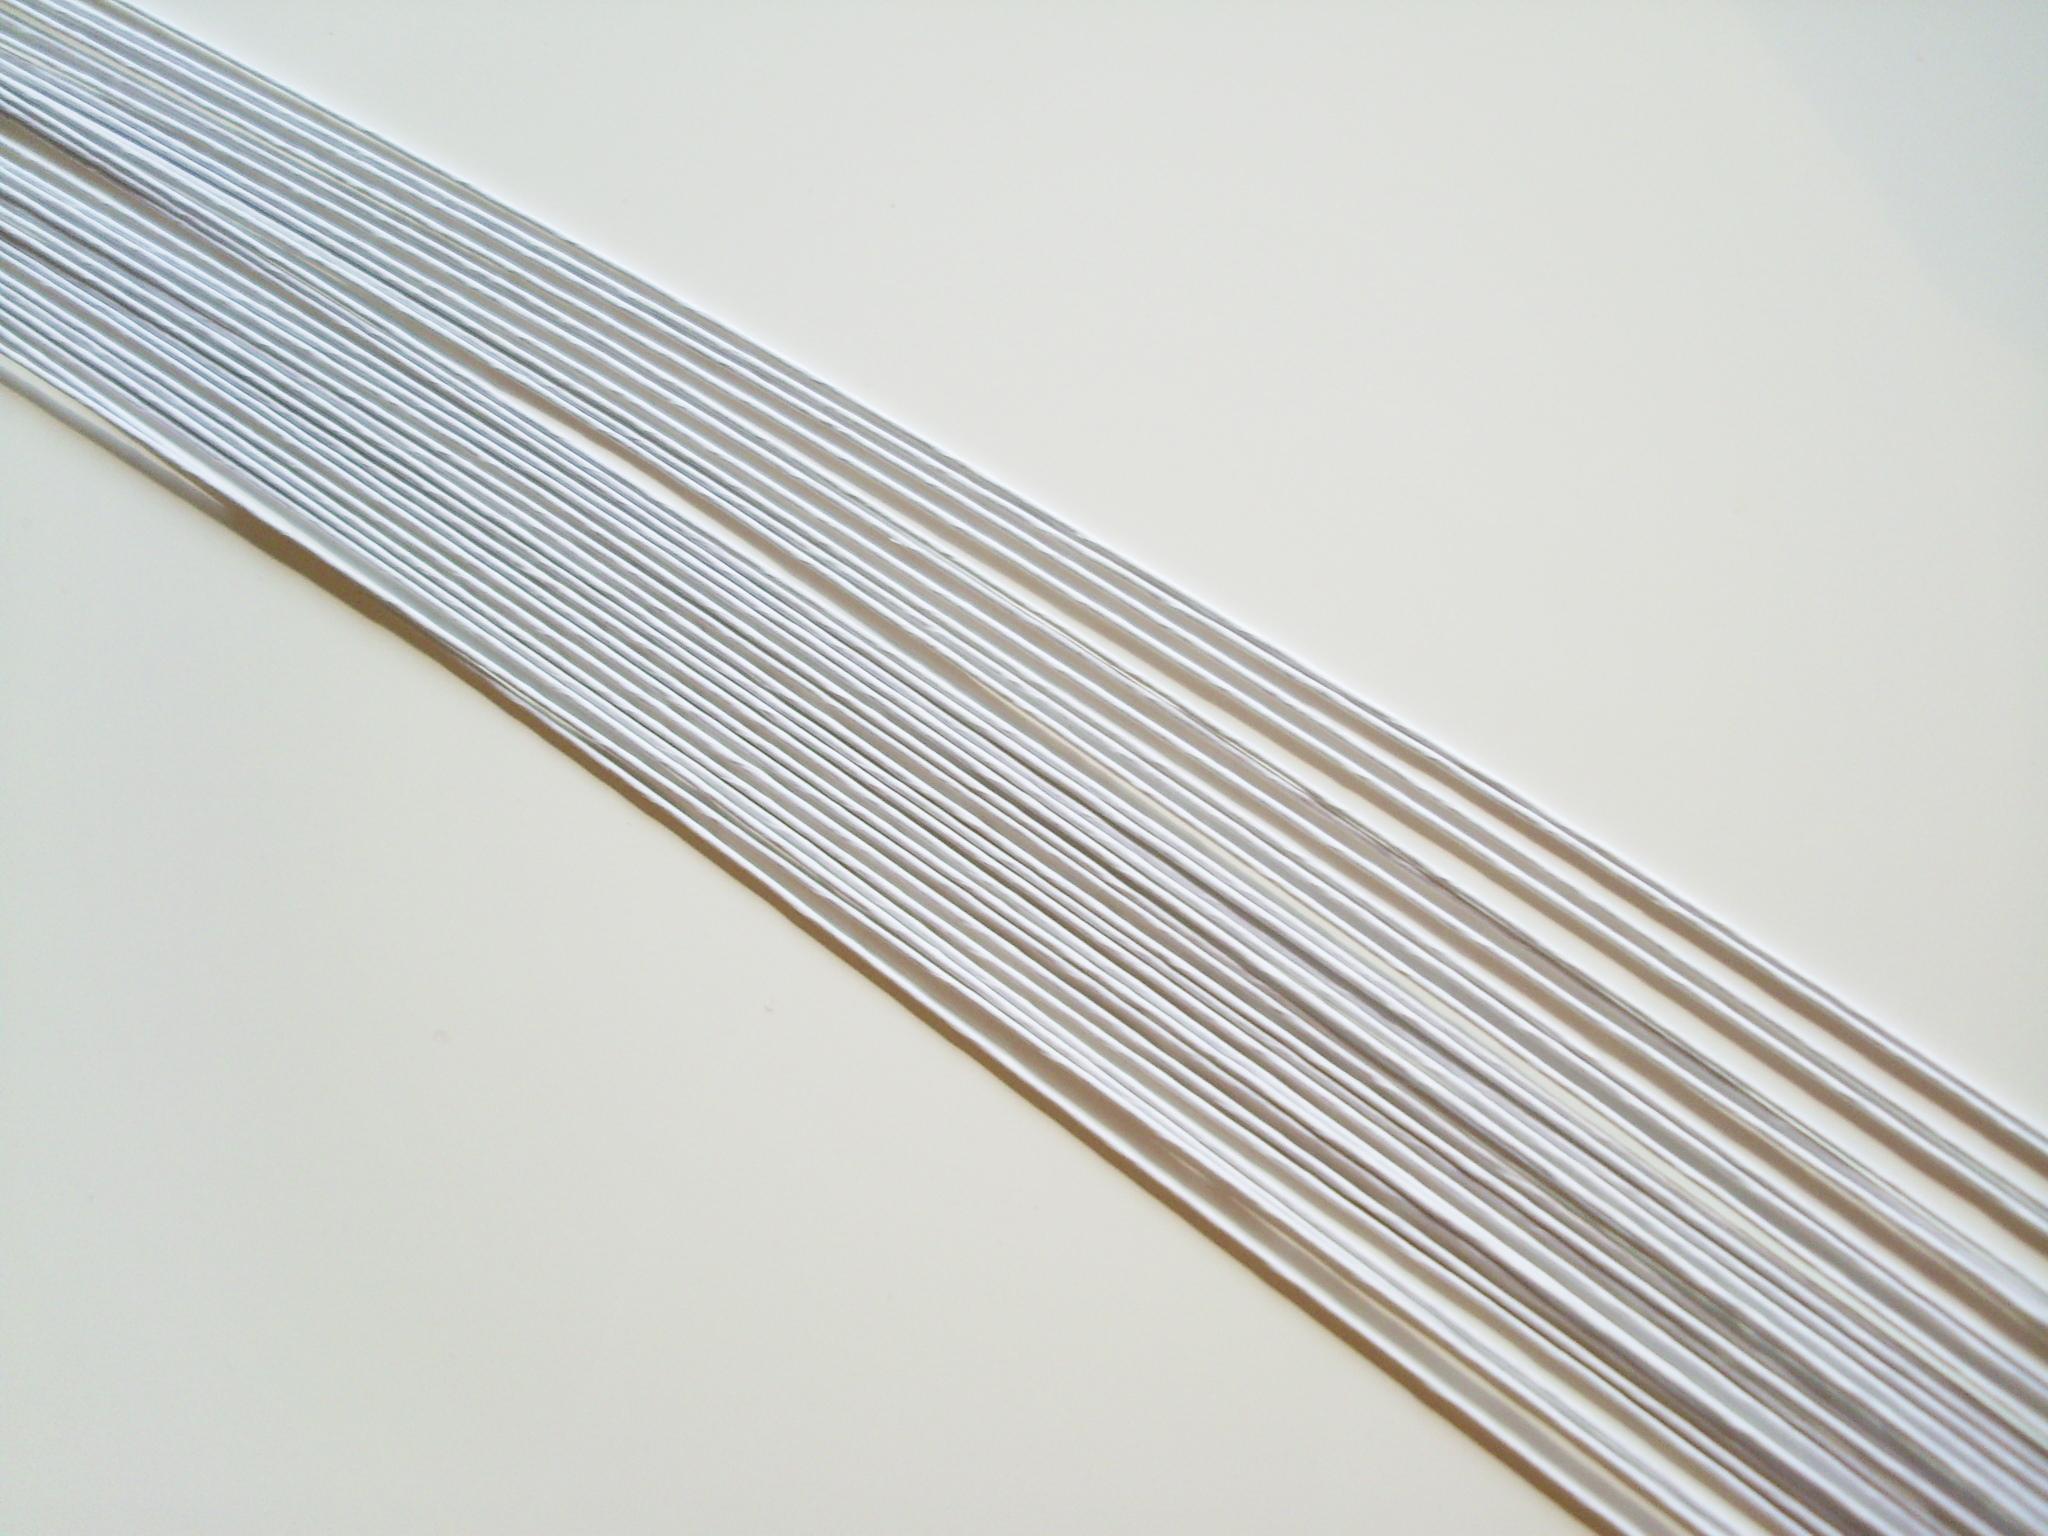 Blumendraht 18 gauge Weiß